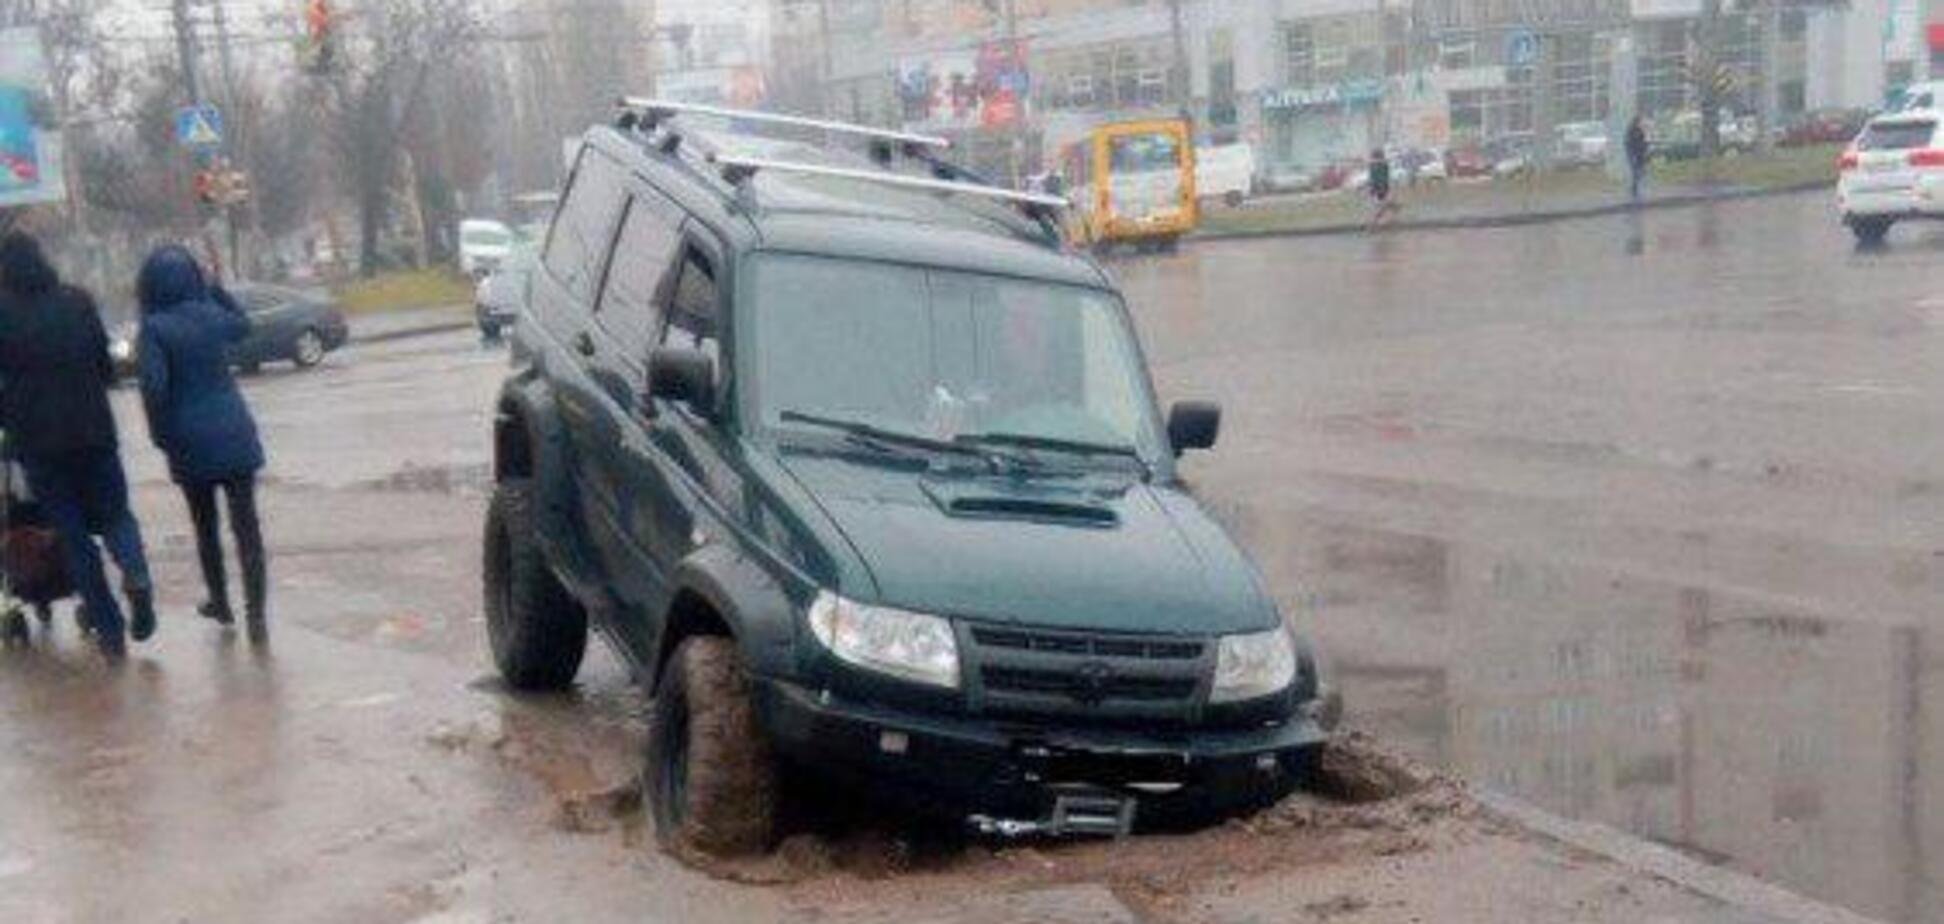 Авто ушло под землю: в Одессе автохам поплатился за парковку